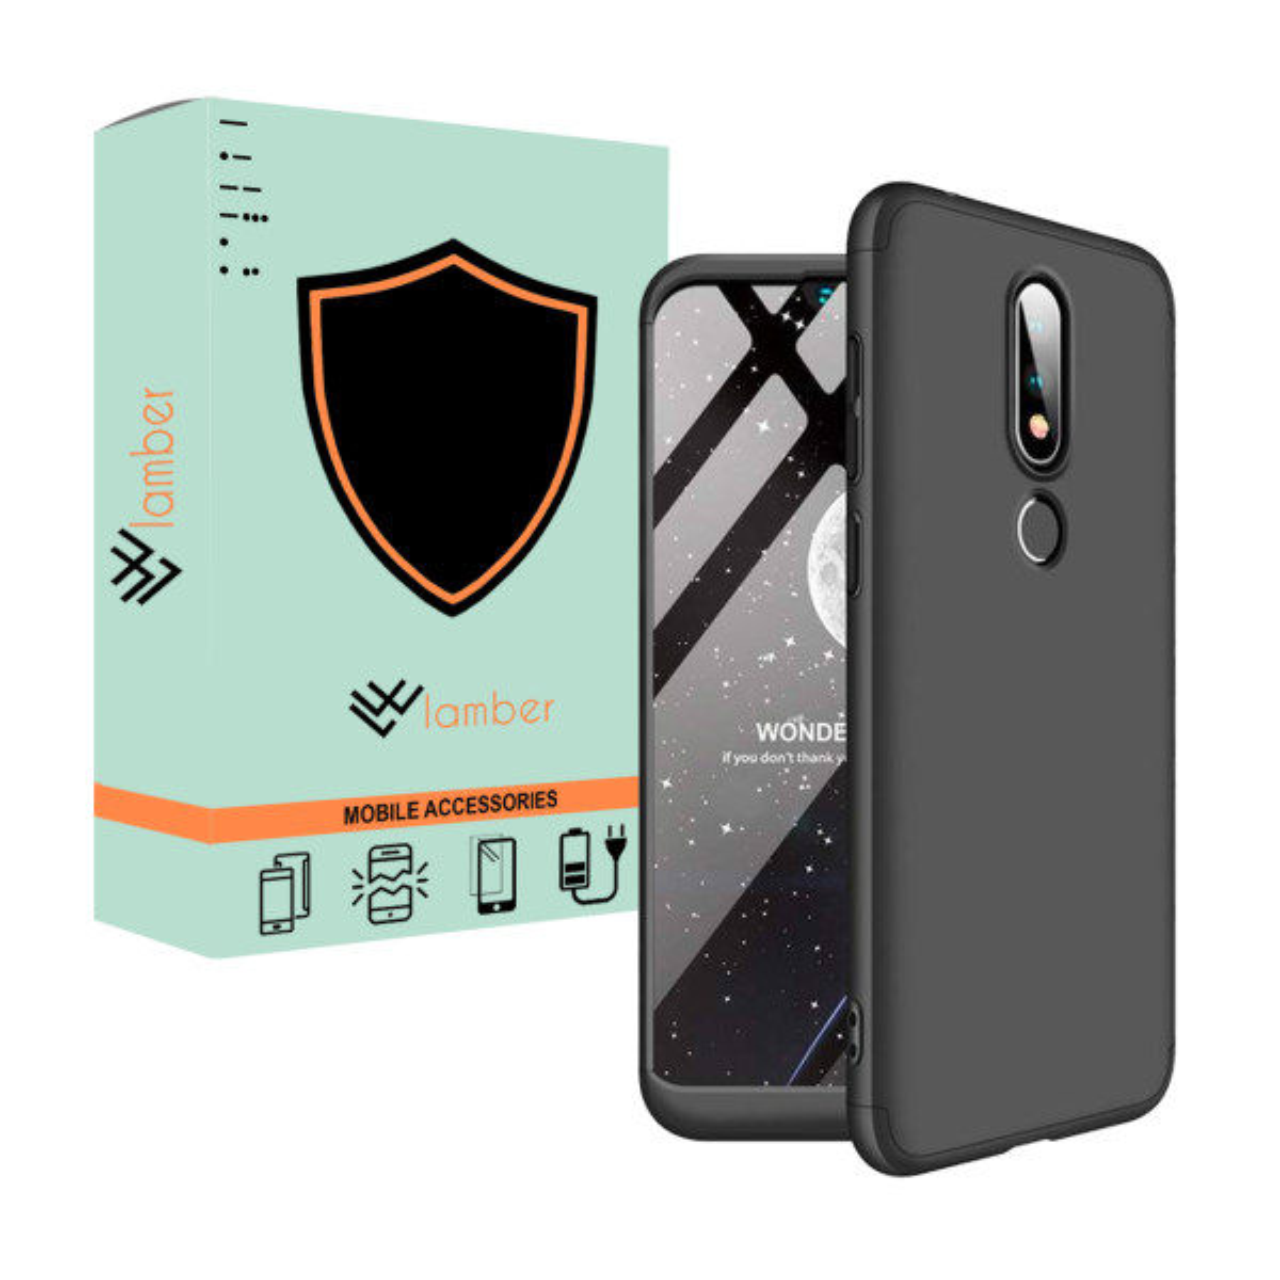 کاور 360 درجه لمبر مدل LAMGK-1 مناسب برای گوشی موبایل نوکیا X6/6.1 Plus